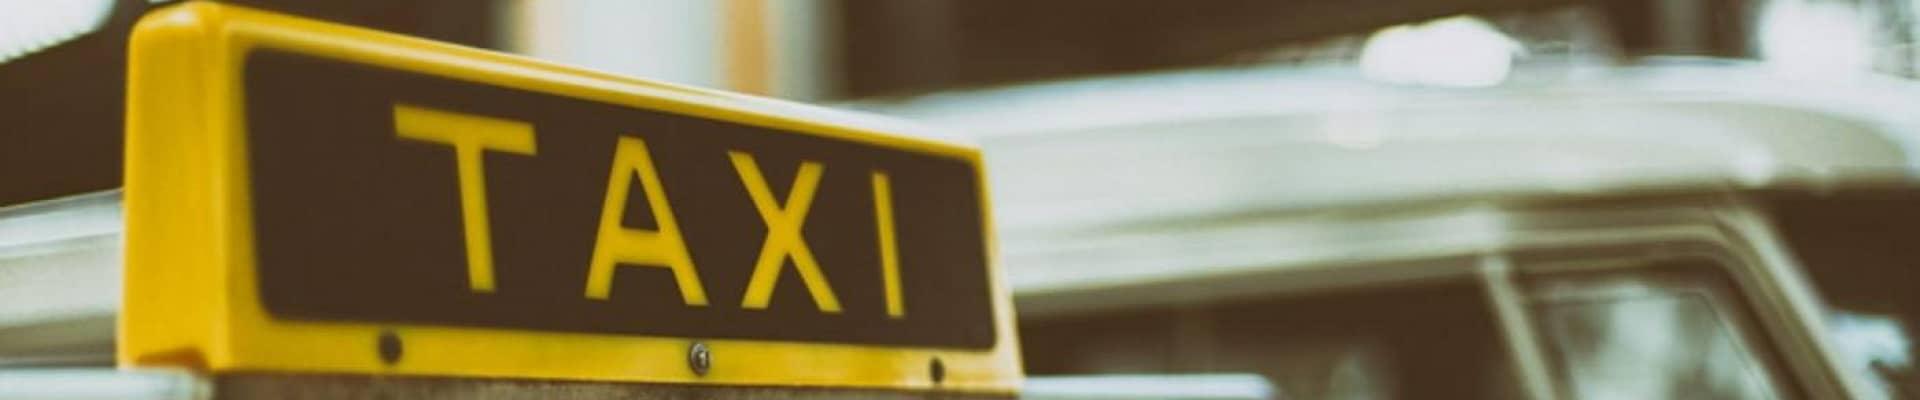 """ФАС не позволит """"Яндексу"""" приобрести агрегатор такси """"Везет"""", включая все торговые знаки"""